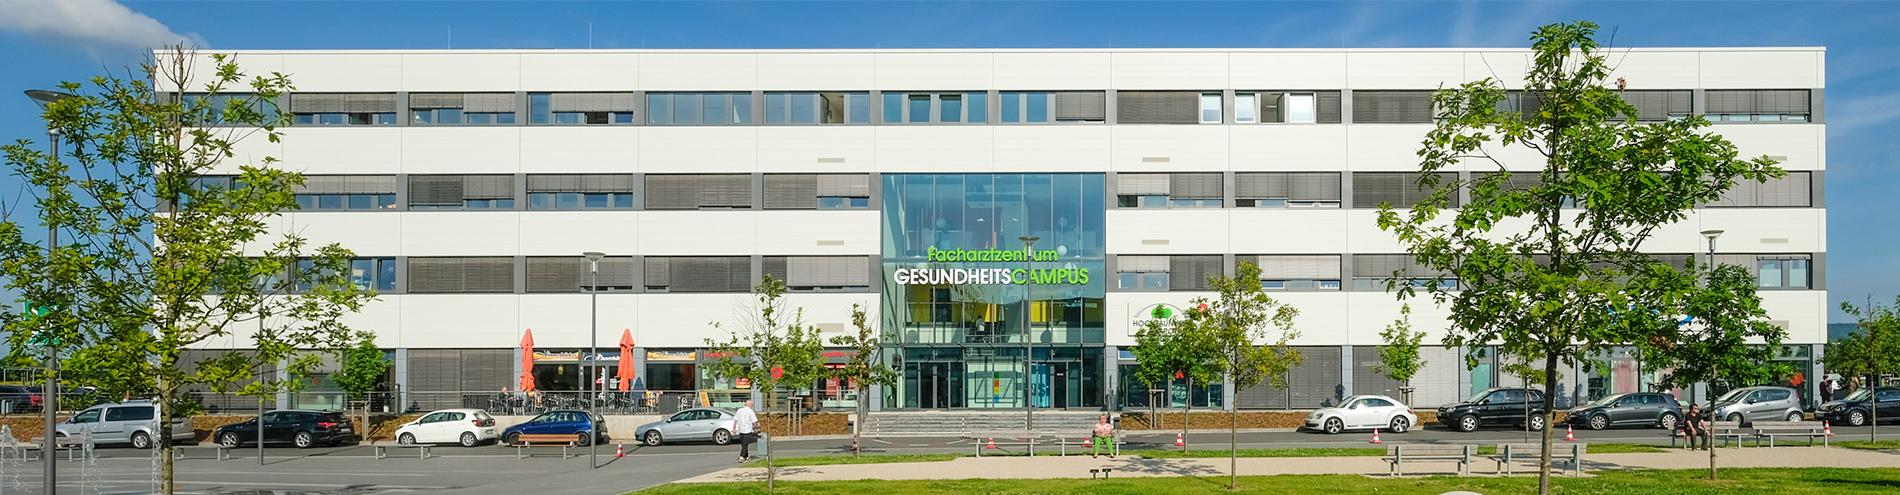 Bild passend zu Medizinisches Versorgungszentrum Taunus